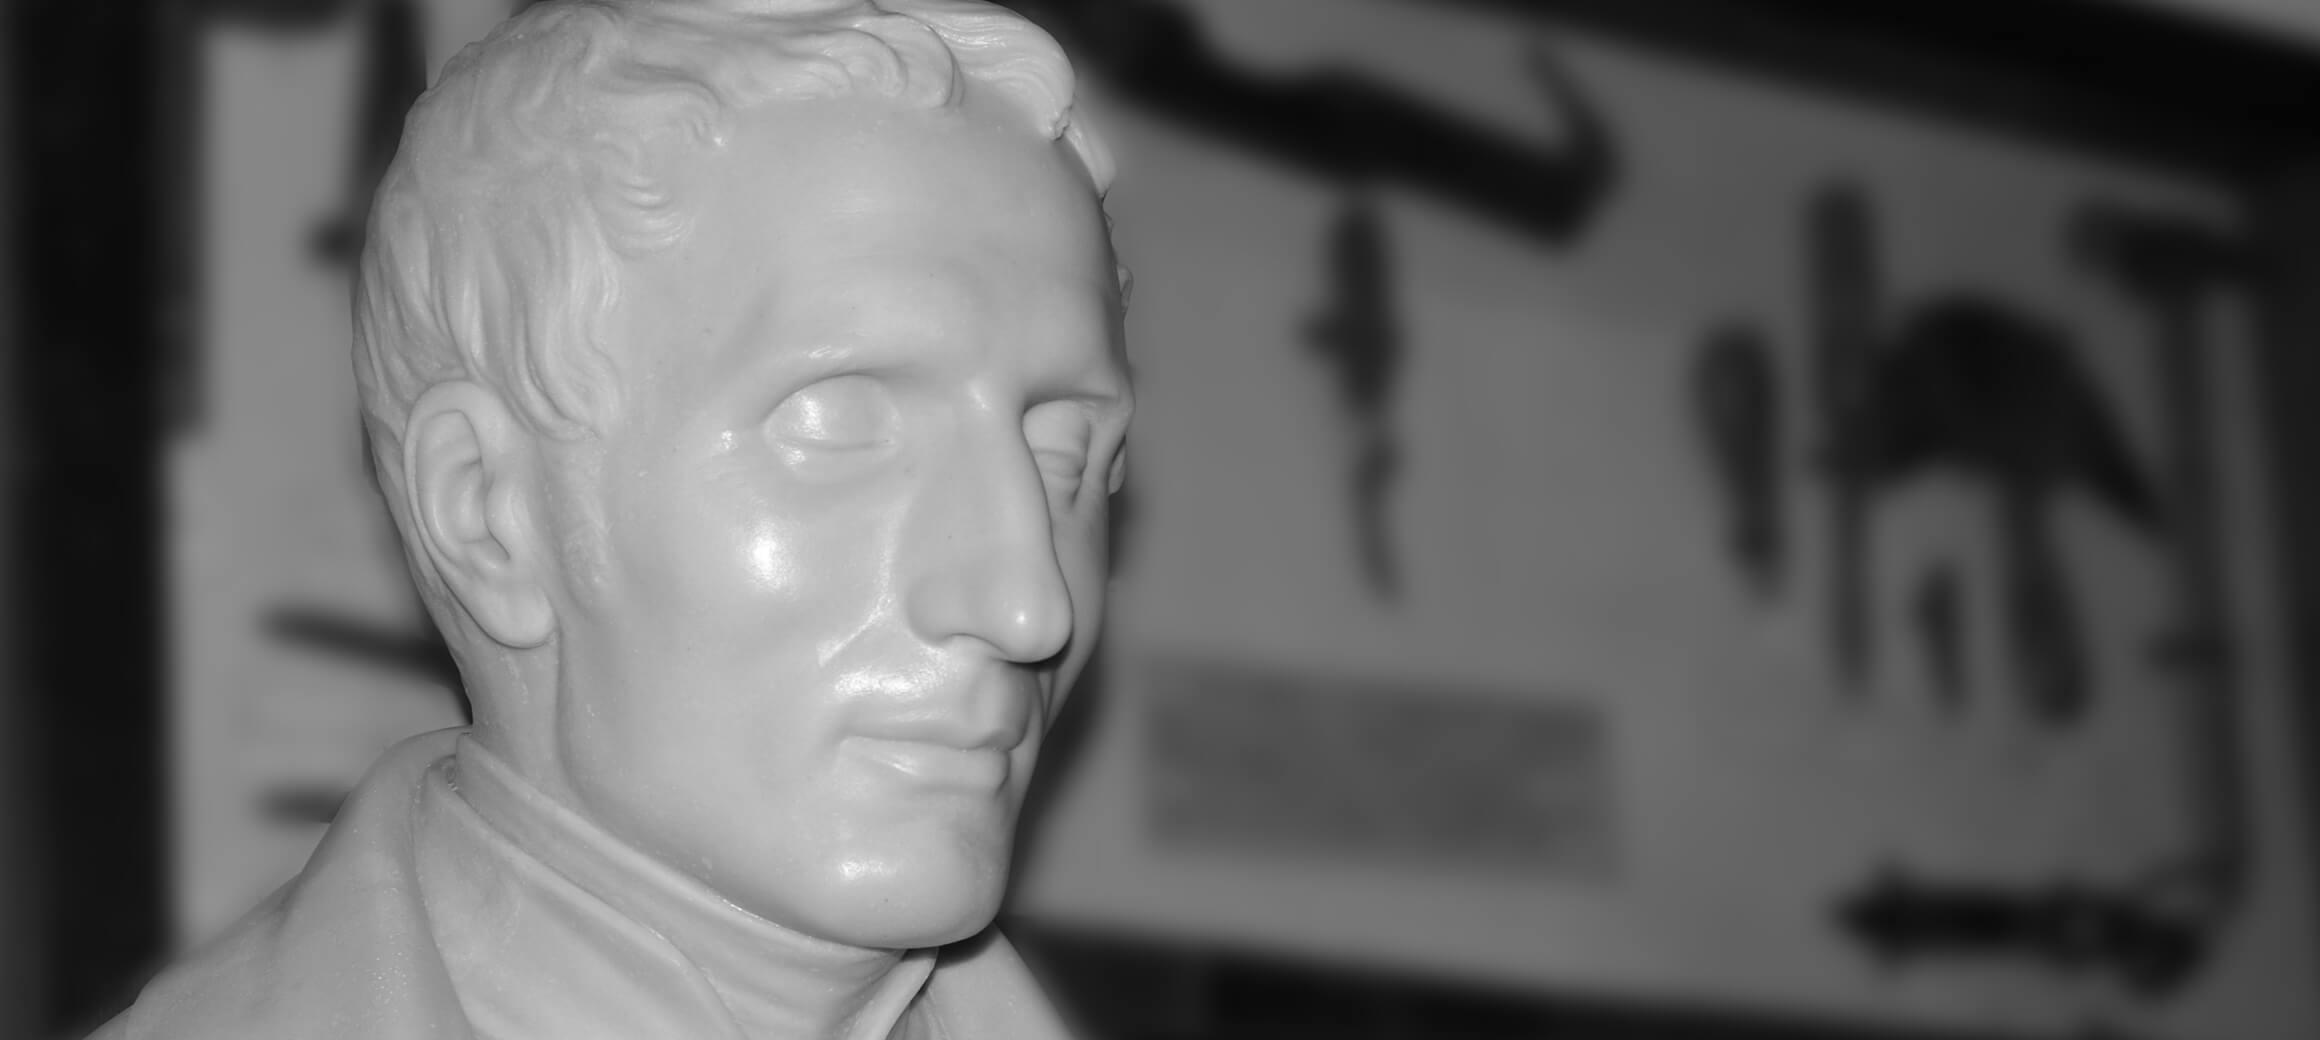 Eine Büste von Louis Braille